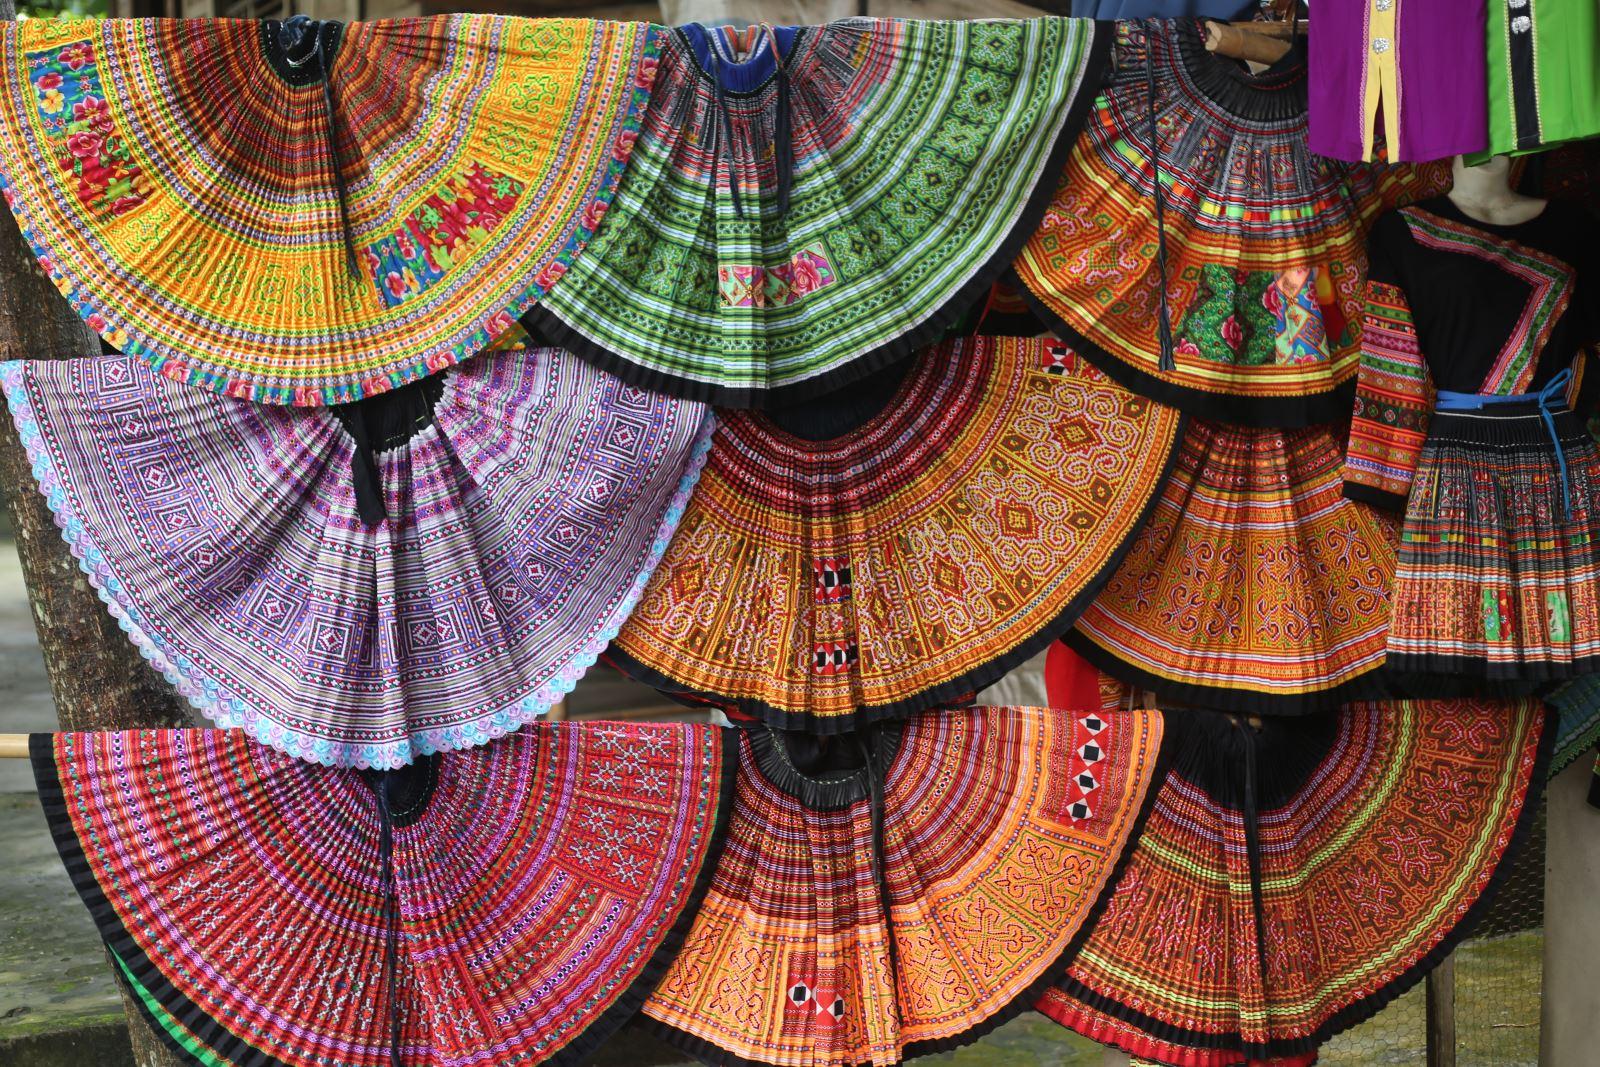 Acheter des produits artisanaux fabriqués par les Thaïlandais